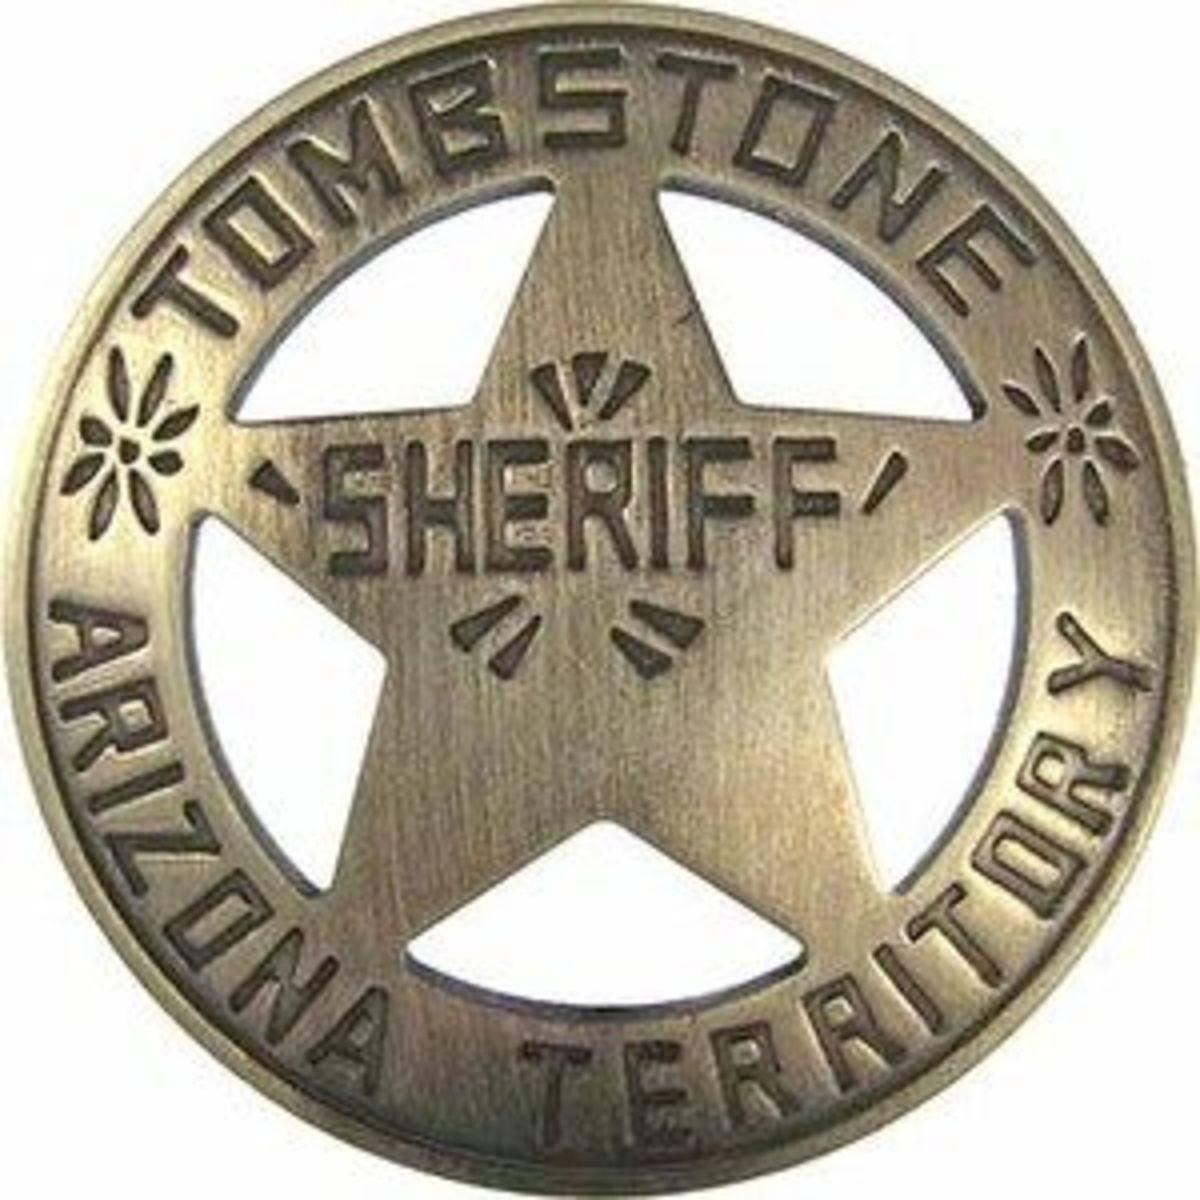 Law Enforcement in the Wild (Mild) West